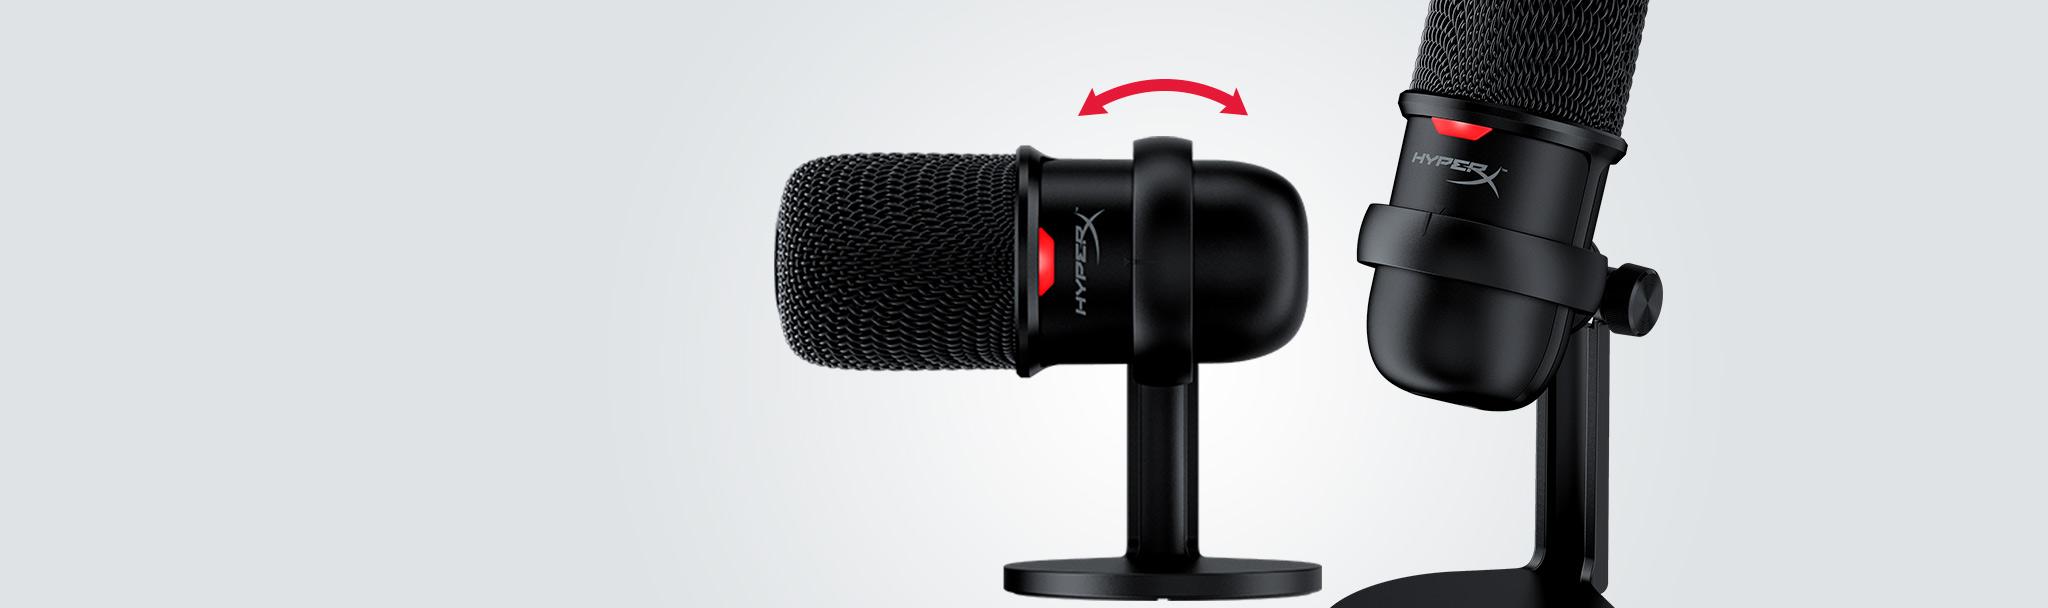 Microphone Kingston HyperX Solocast - Standalone Microphone HMIS1X-XX-BK/G tích hợp chân đế có thể dễ dàng điều chỉnh